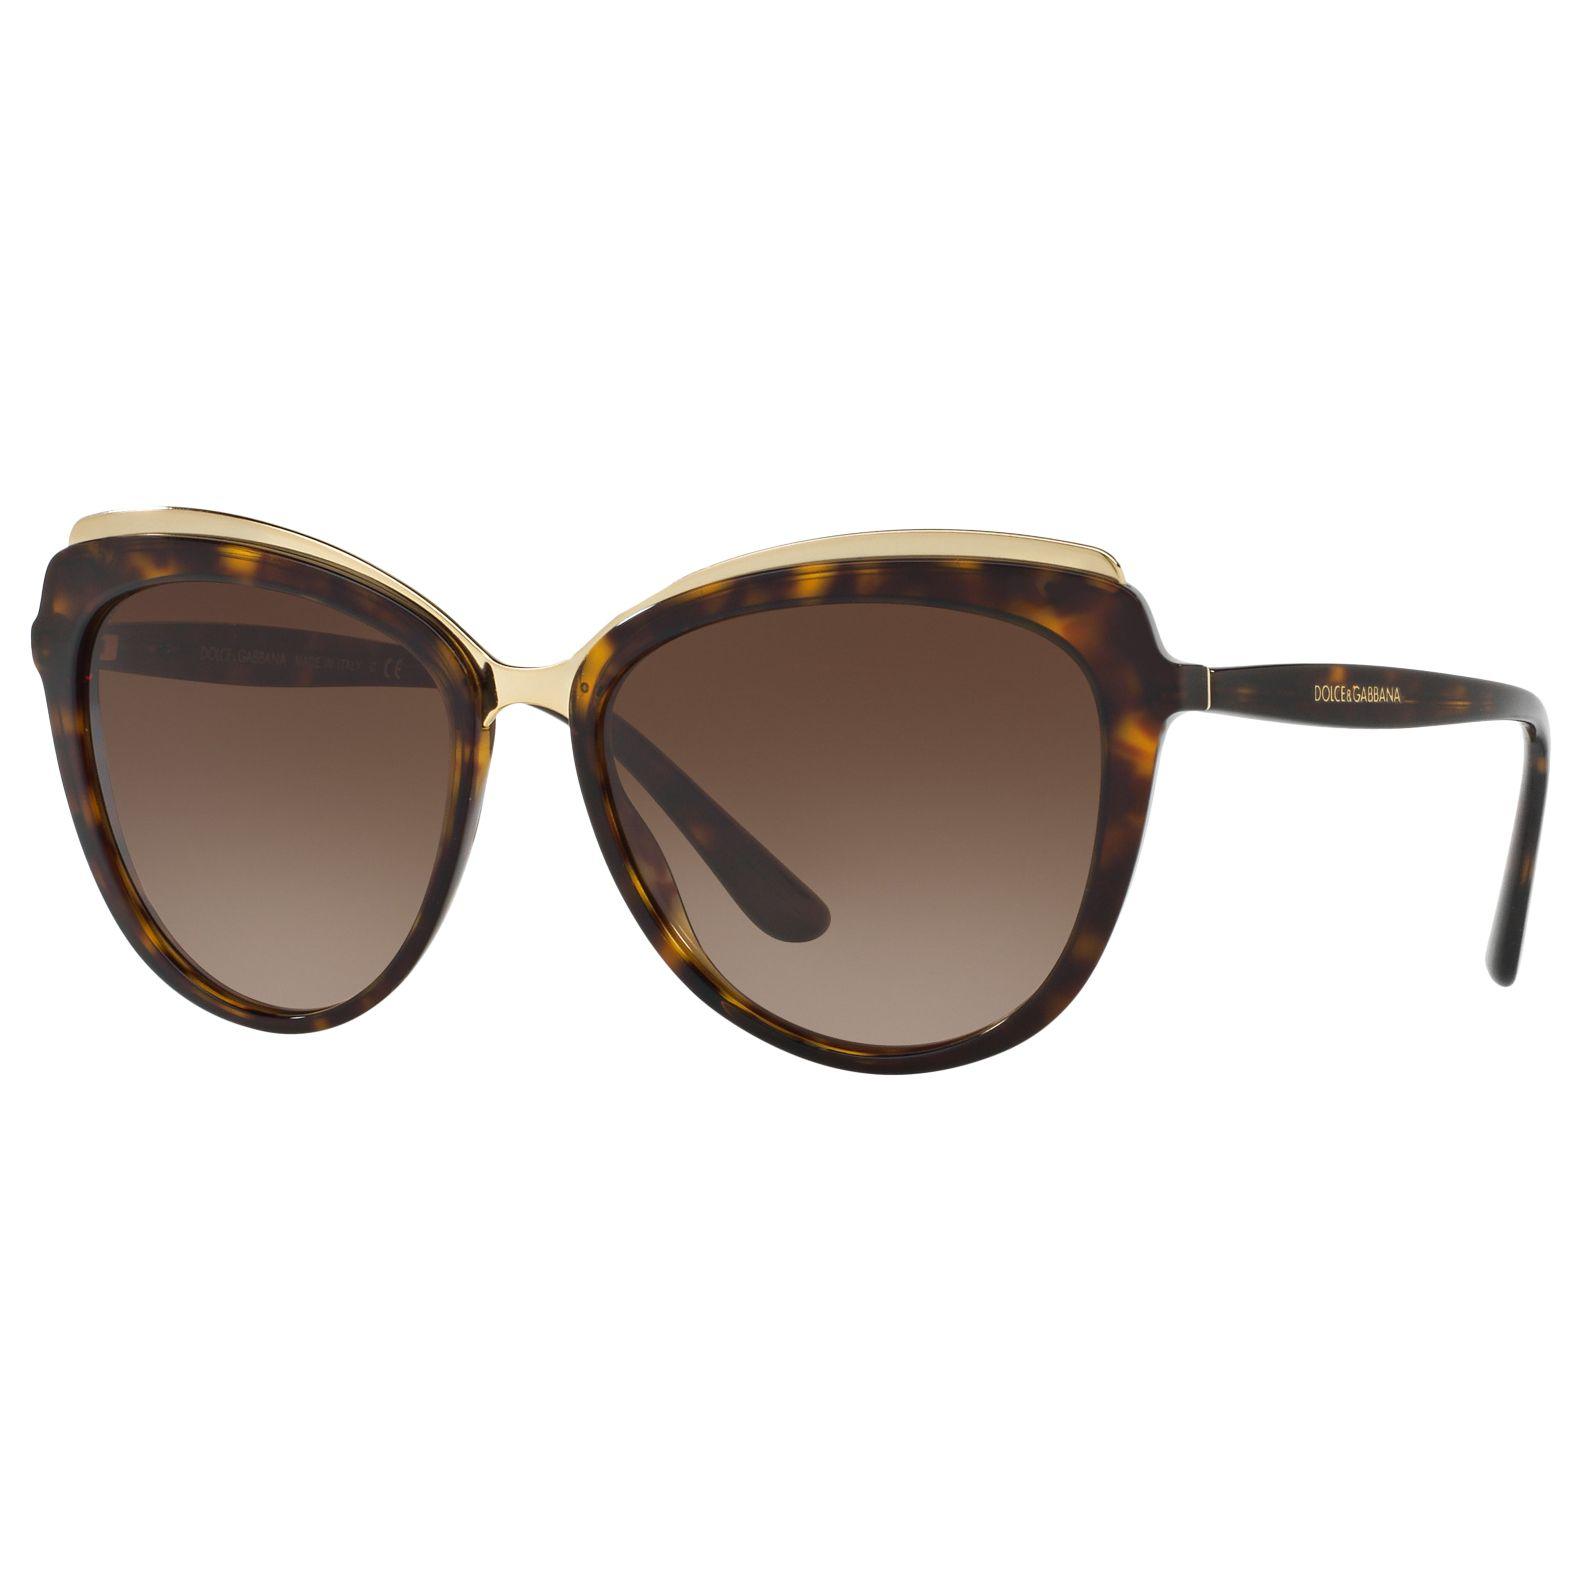 Dolce & Gabbana Dolce & Gabbana DG4304 Cat's Eye Sunglasses